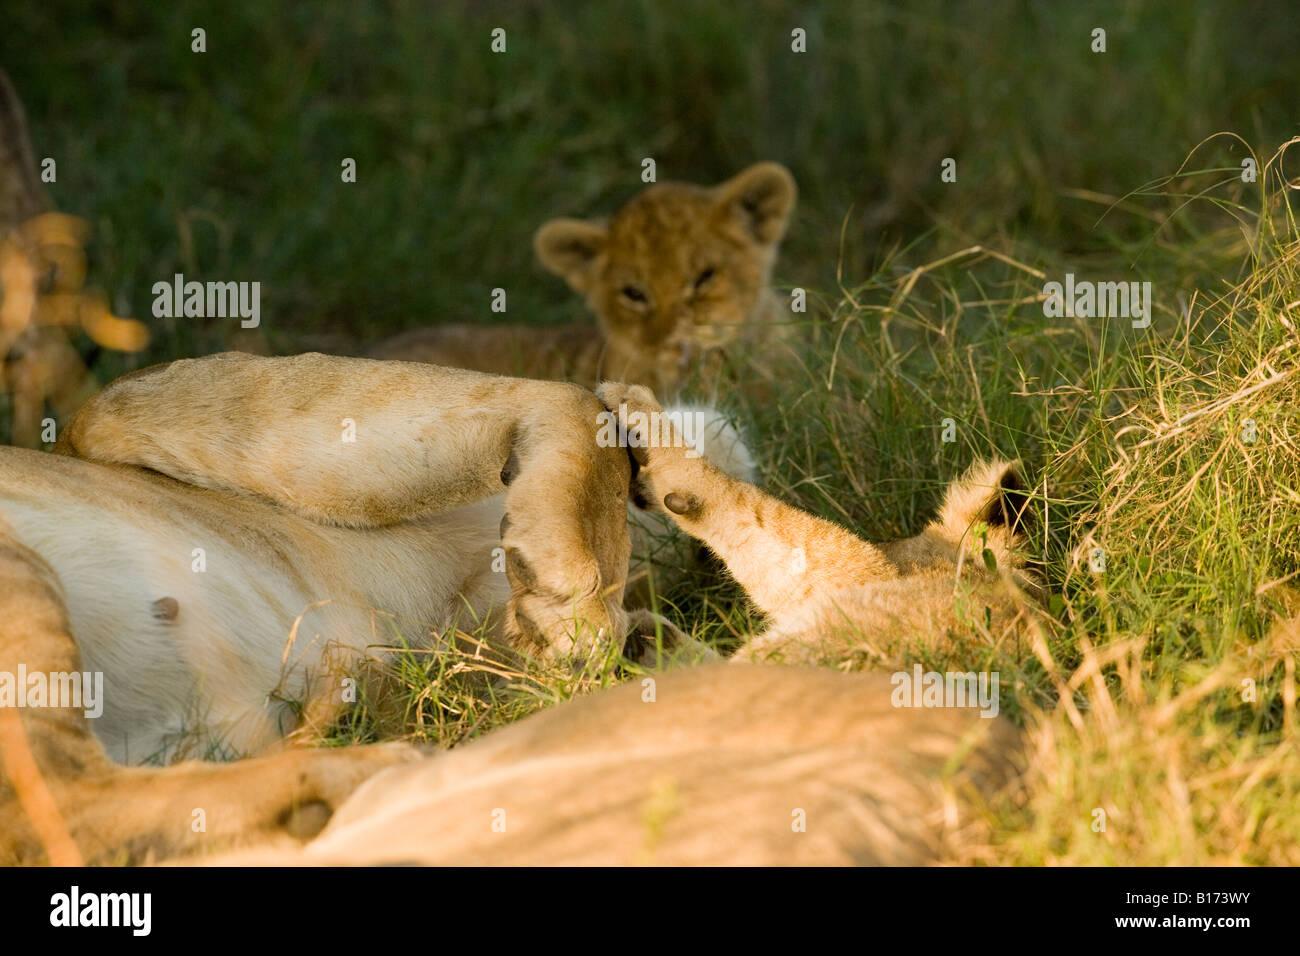 Nahaufnahme der Mutter und Baby lion Cub berühren Pfoten schlafen in warmen sonnenbeschienenen grünes Gras liegend, große und kleine Pfoten touch soft Hintergrund Moremi Okavango Stockfoto